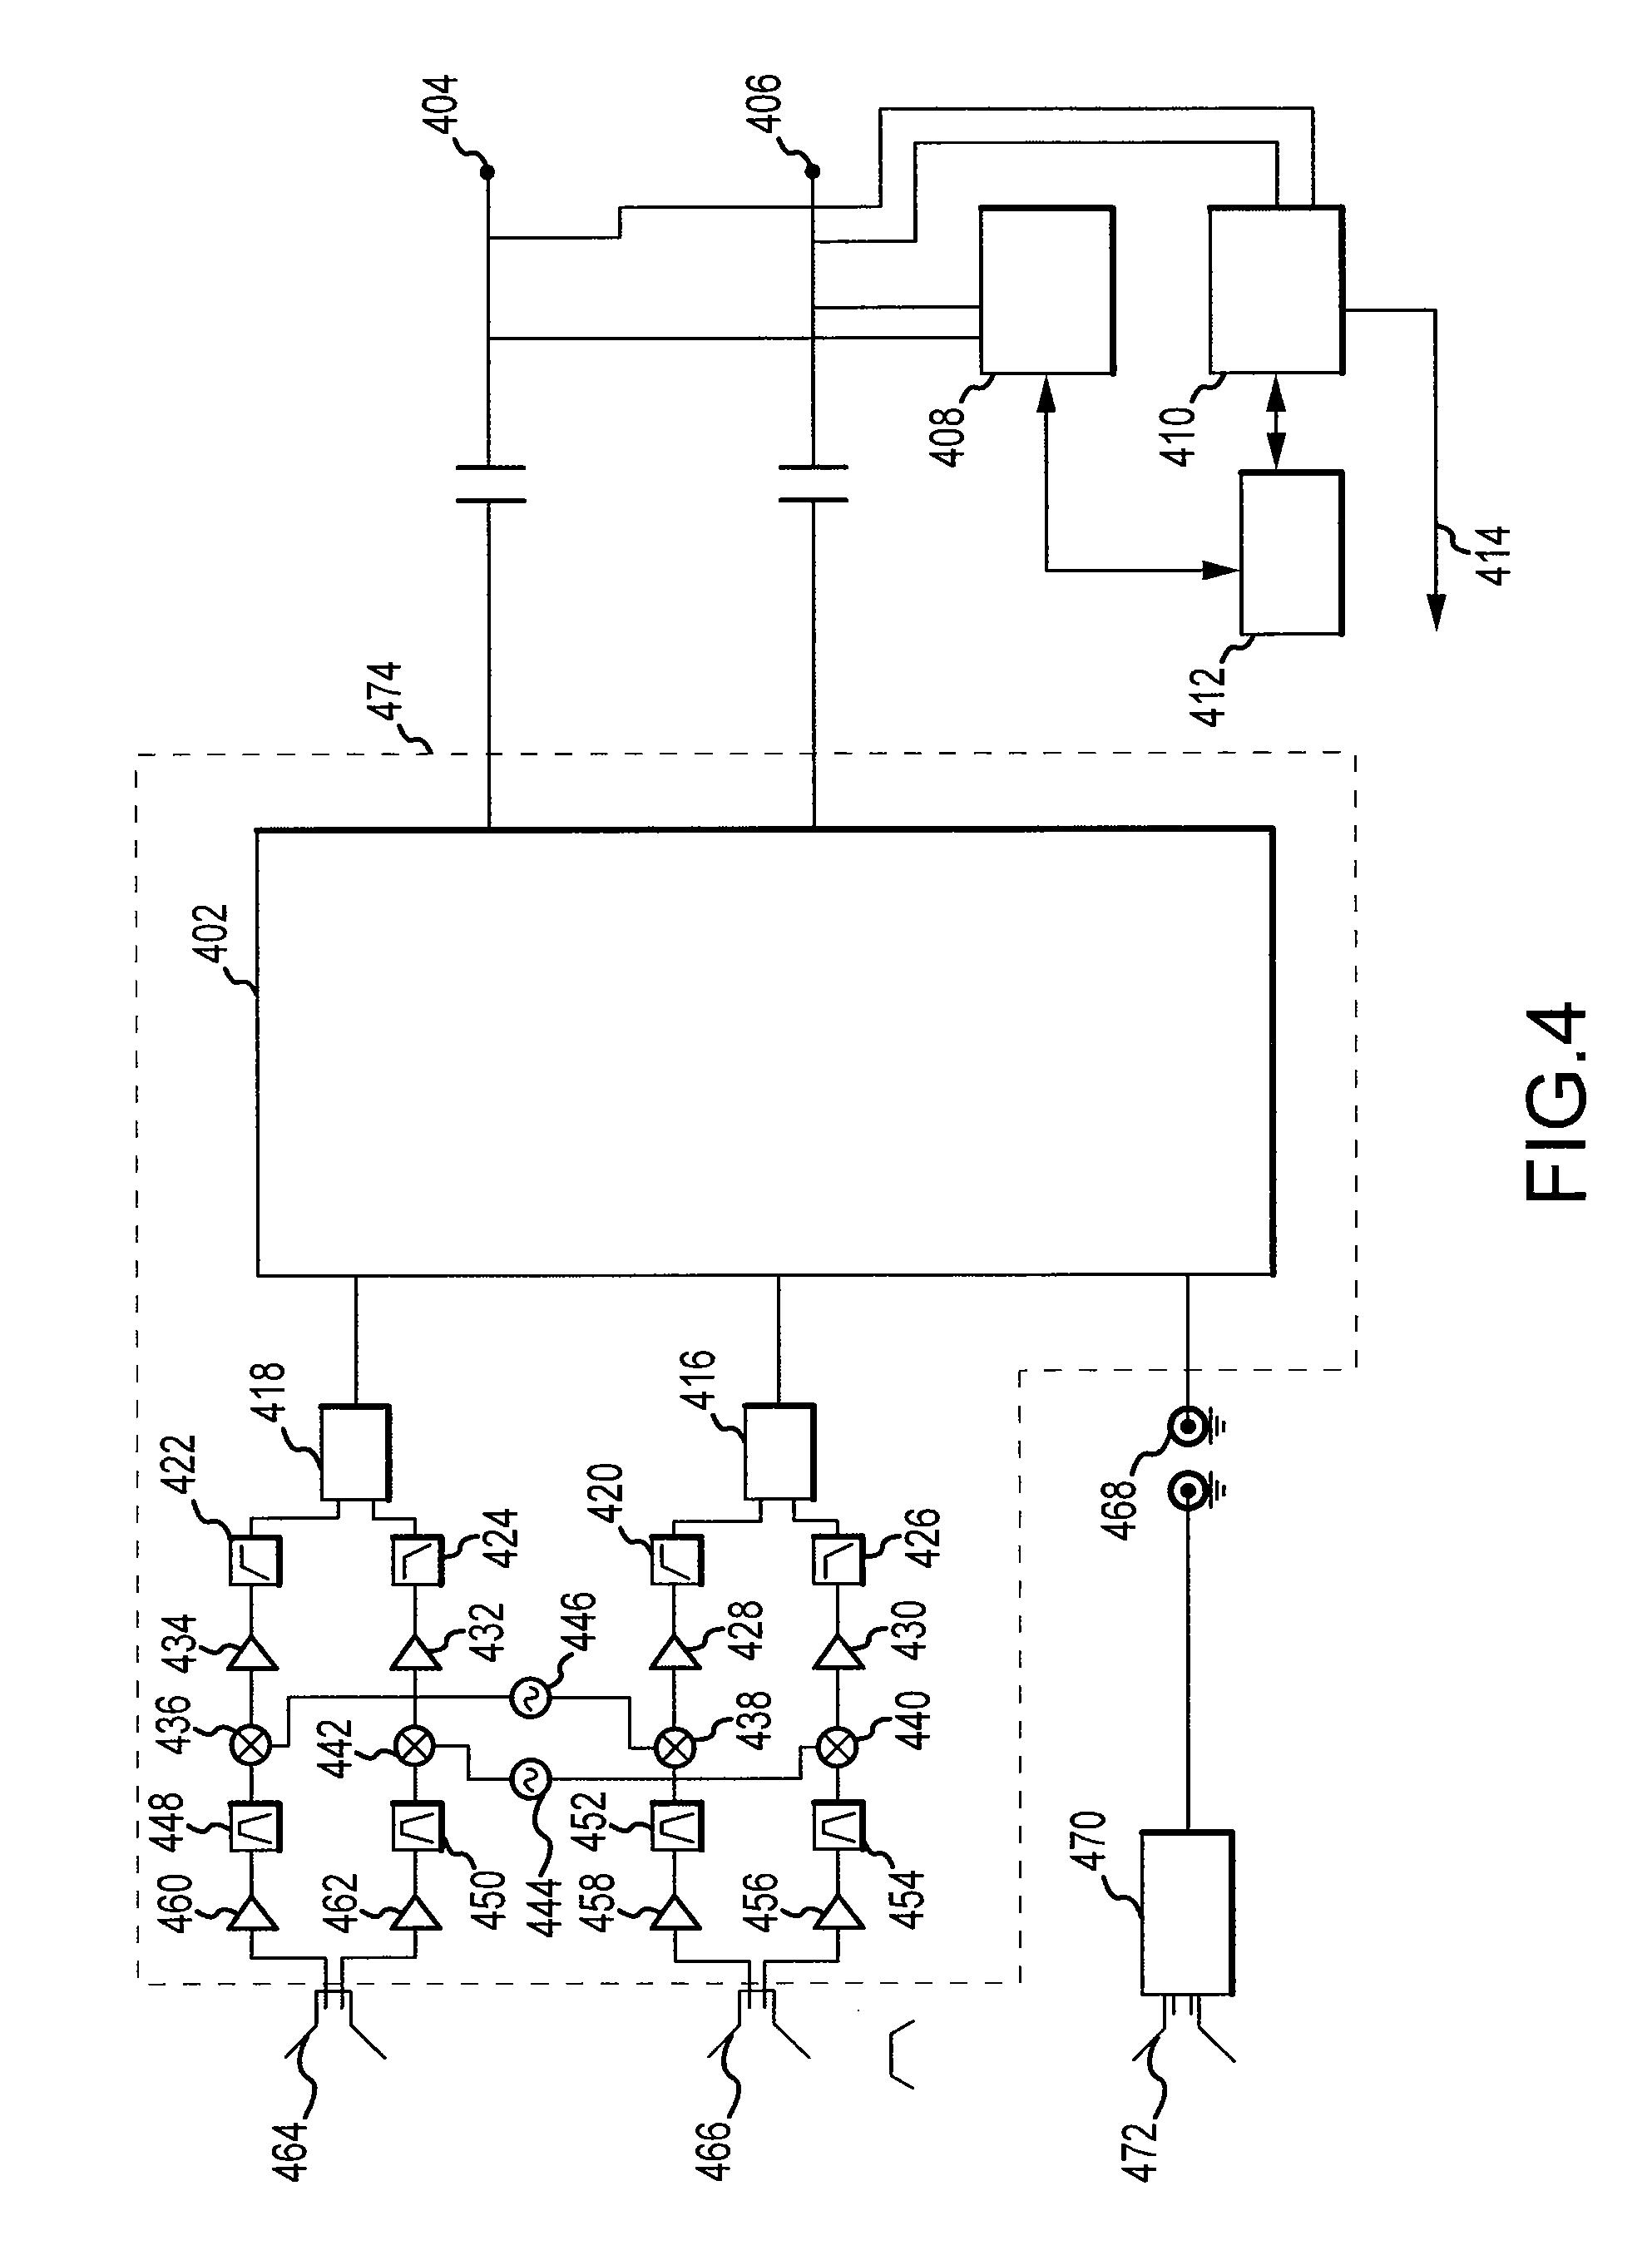 Dish work wiring diagram images wiring diagram